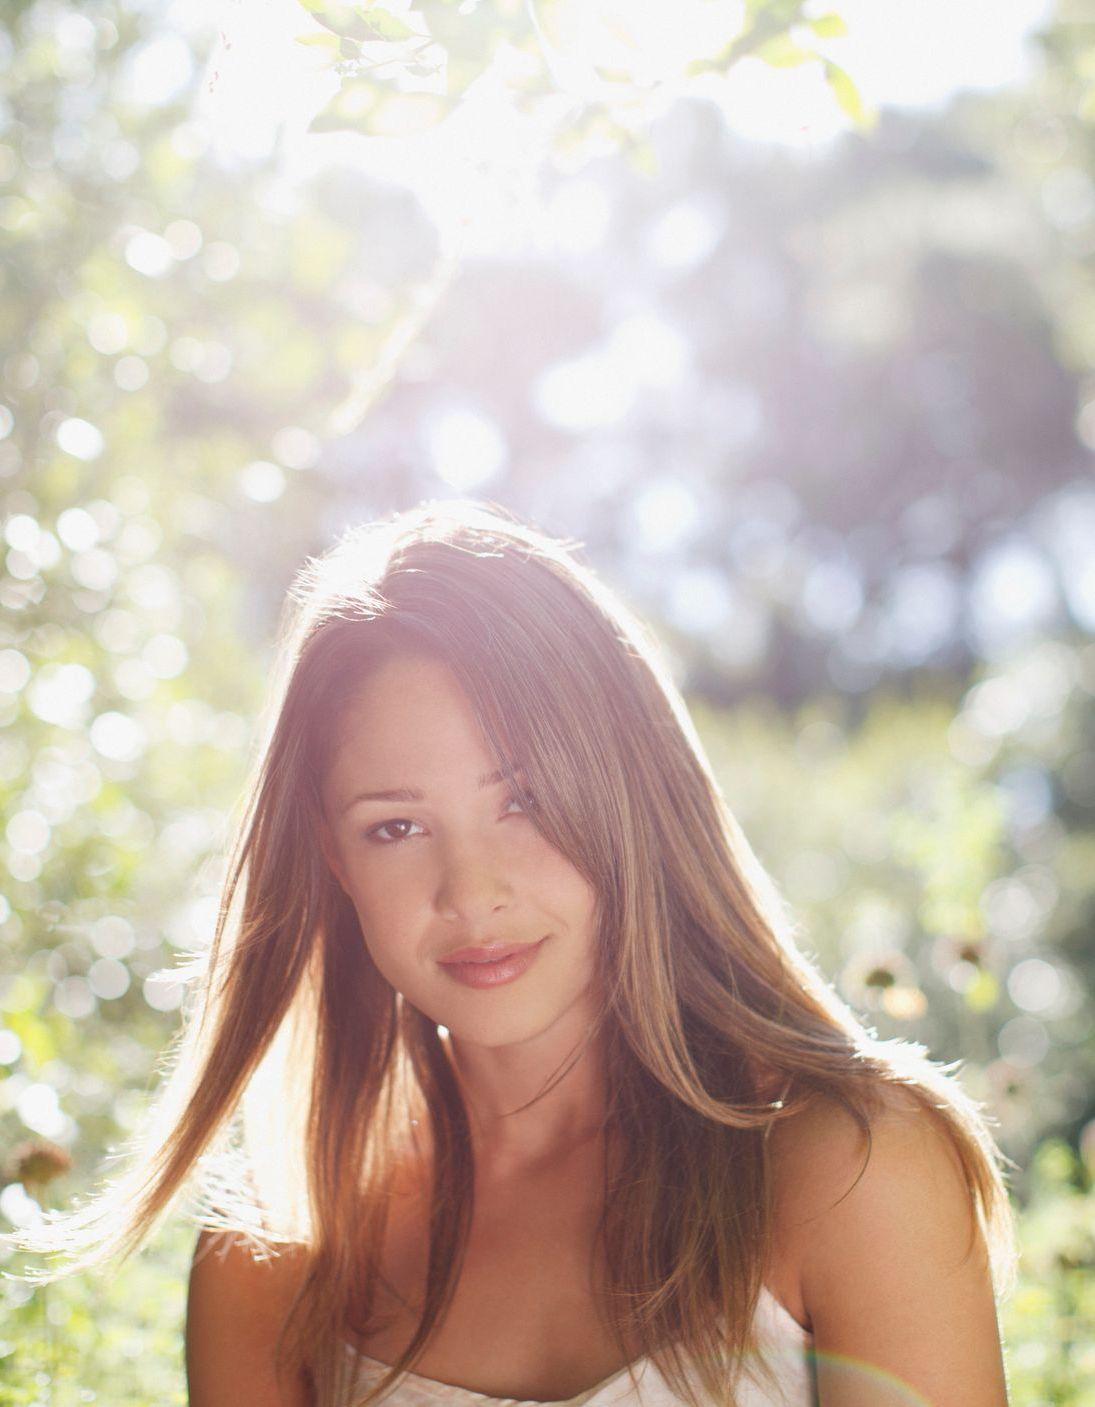 #ELLEBeautyCrush : Molinard dévoile quatre nouvelles créations très fraiches - Elle